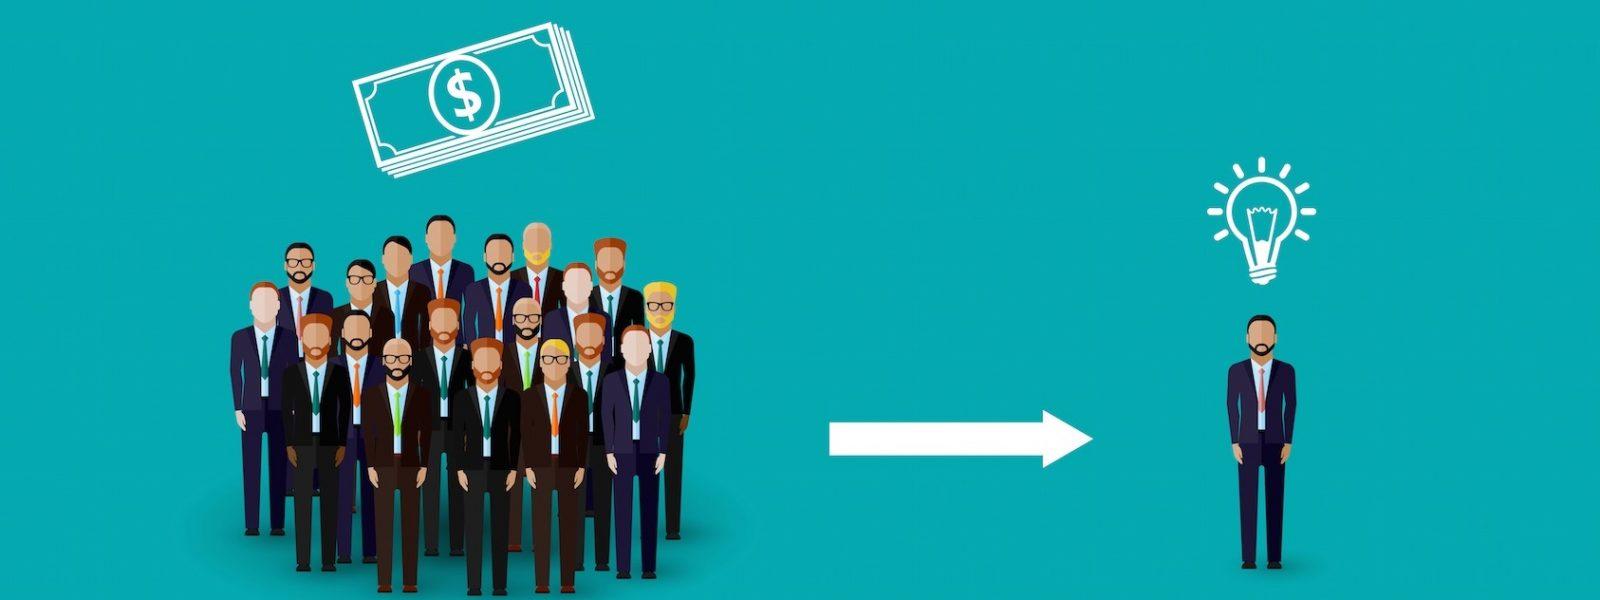 Equity crowdfunding: Mamacrowd prima in Italia per raccolta con 14 milioni di euro thumbnail